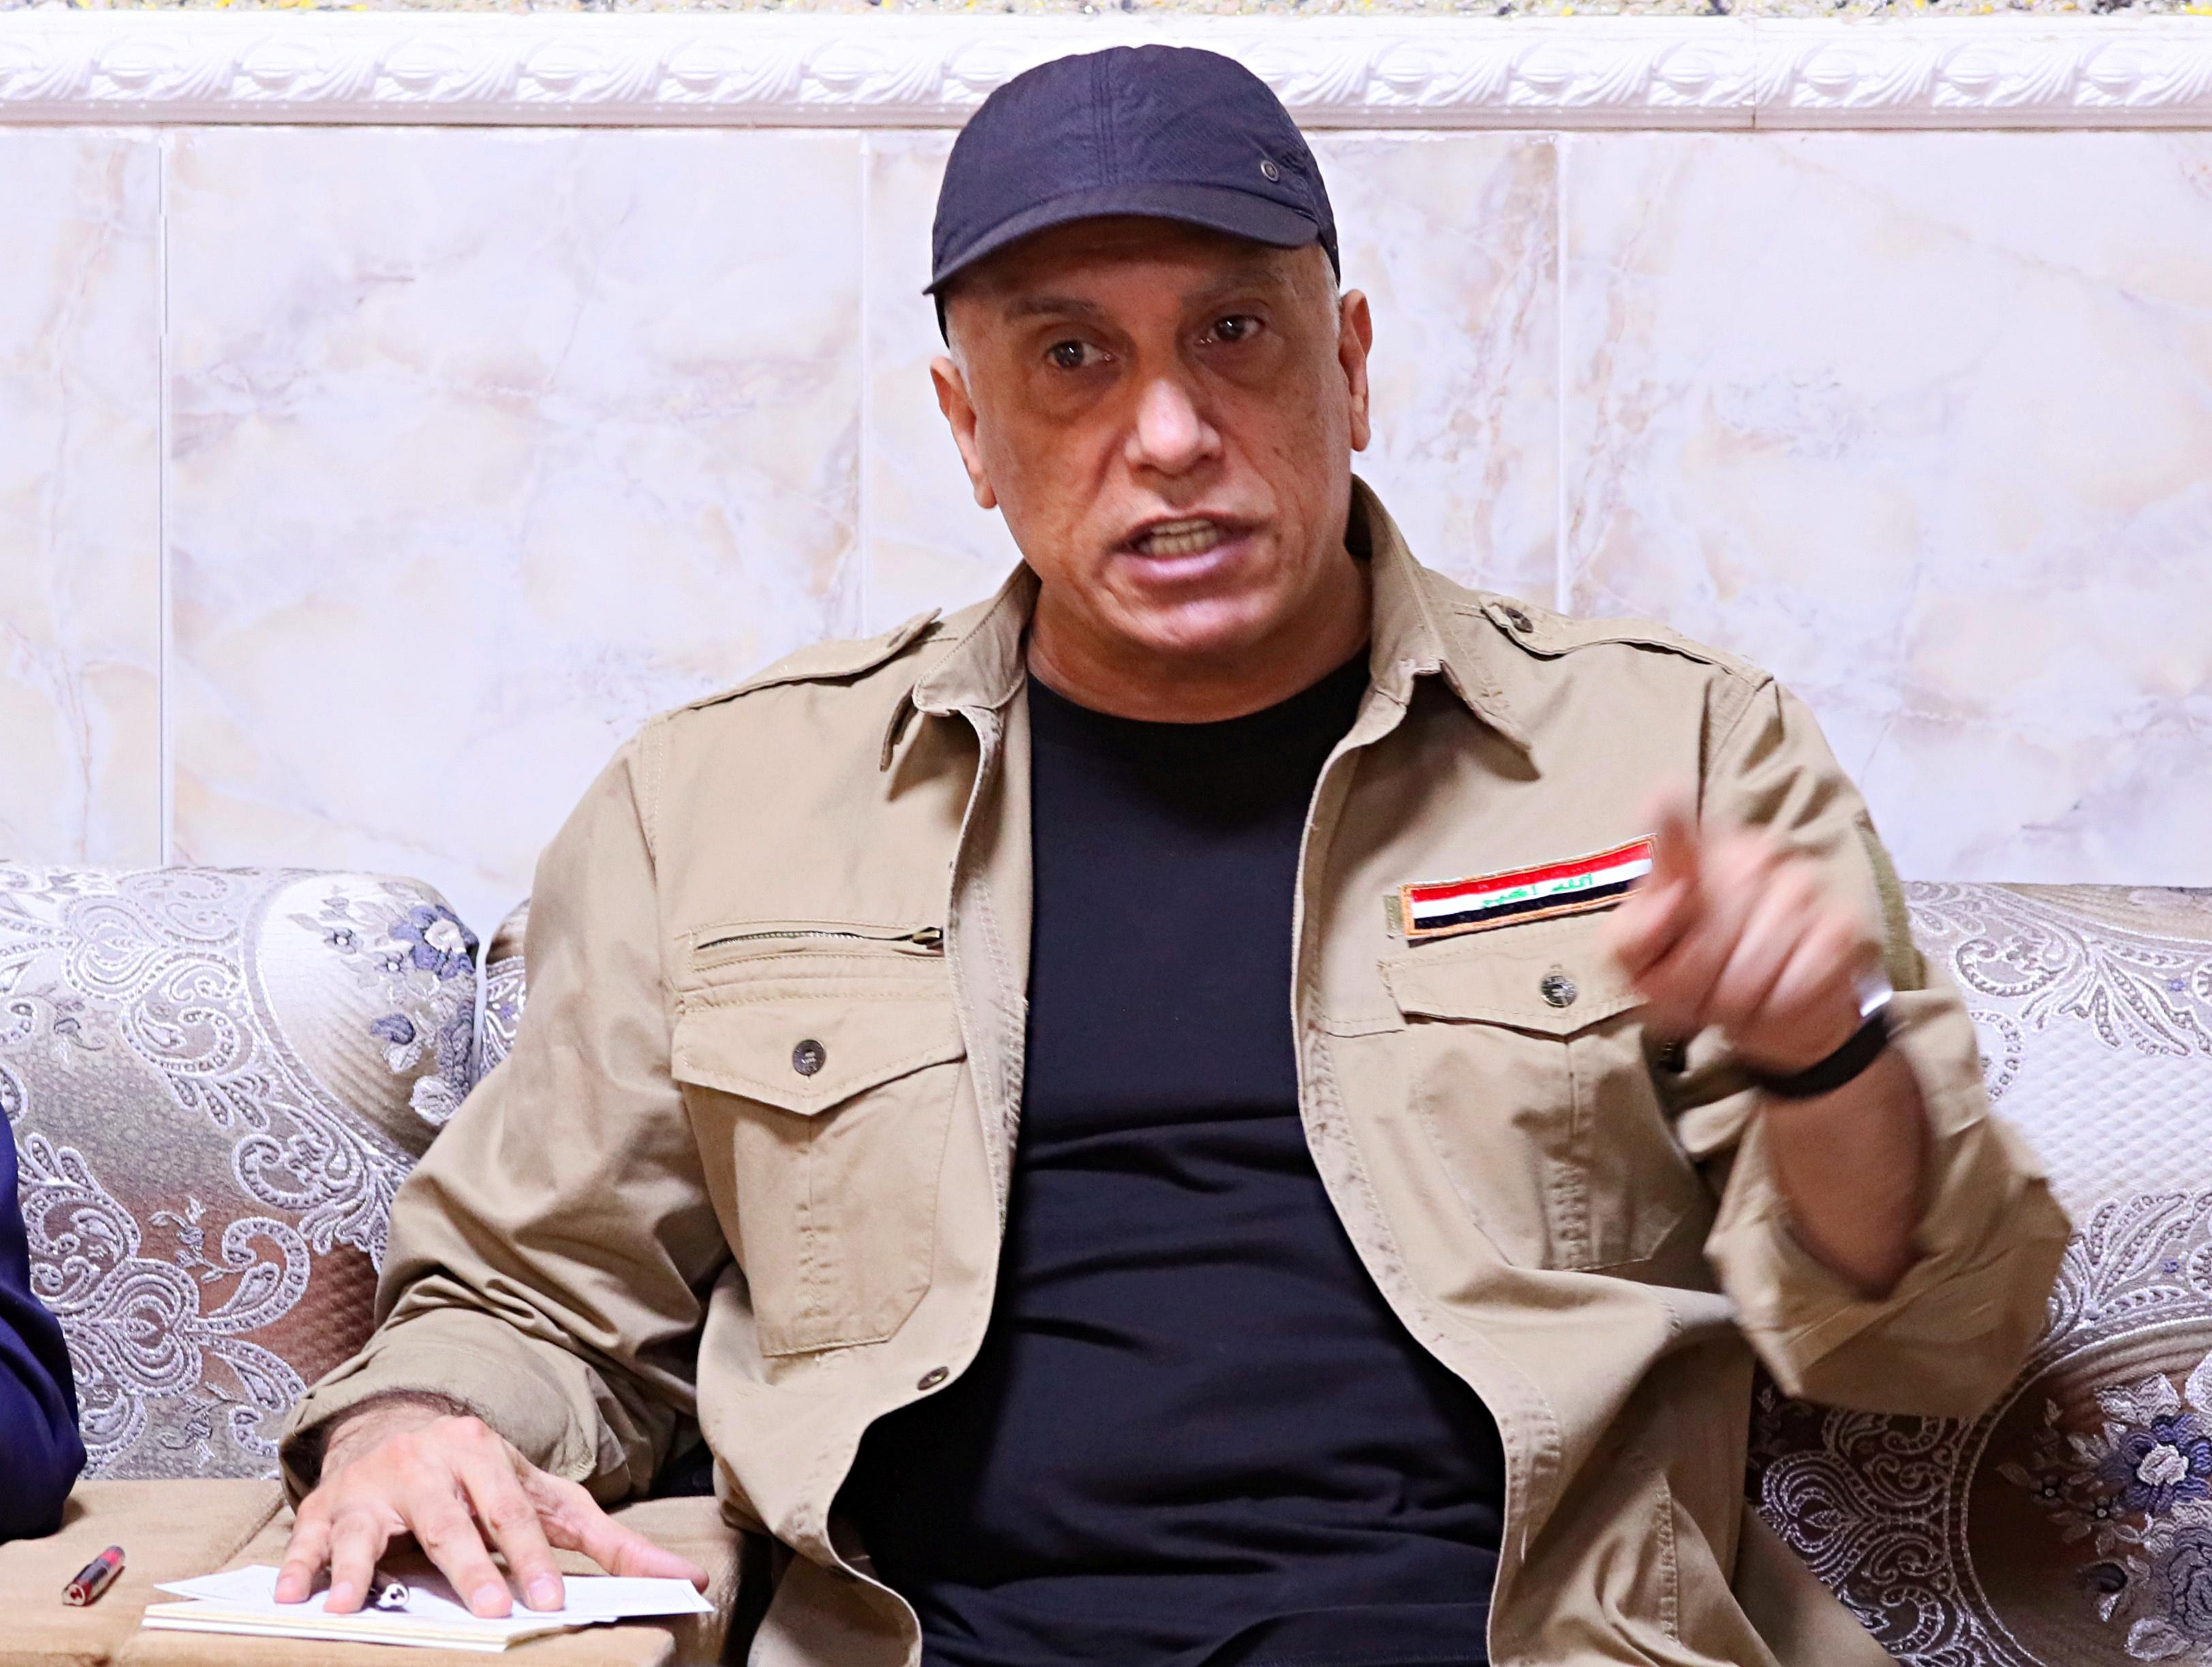 Iraqi Prime Minister Mustafa al-Kadhimi speaks to locals in Tarmiyah, Iraq July 20, 2020. Khalid Mohammed/Pool via REUTERS